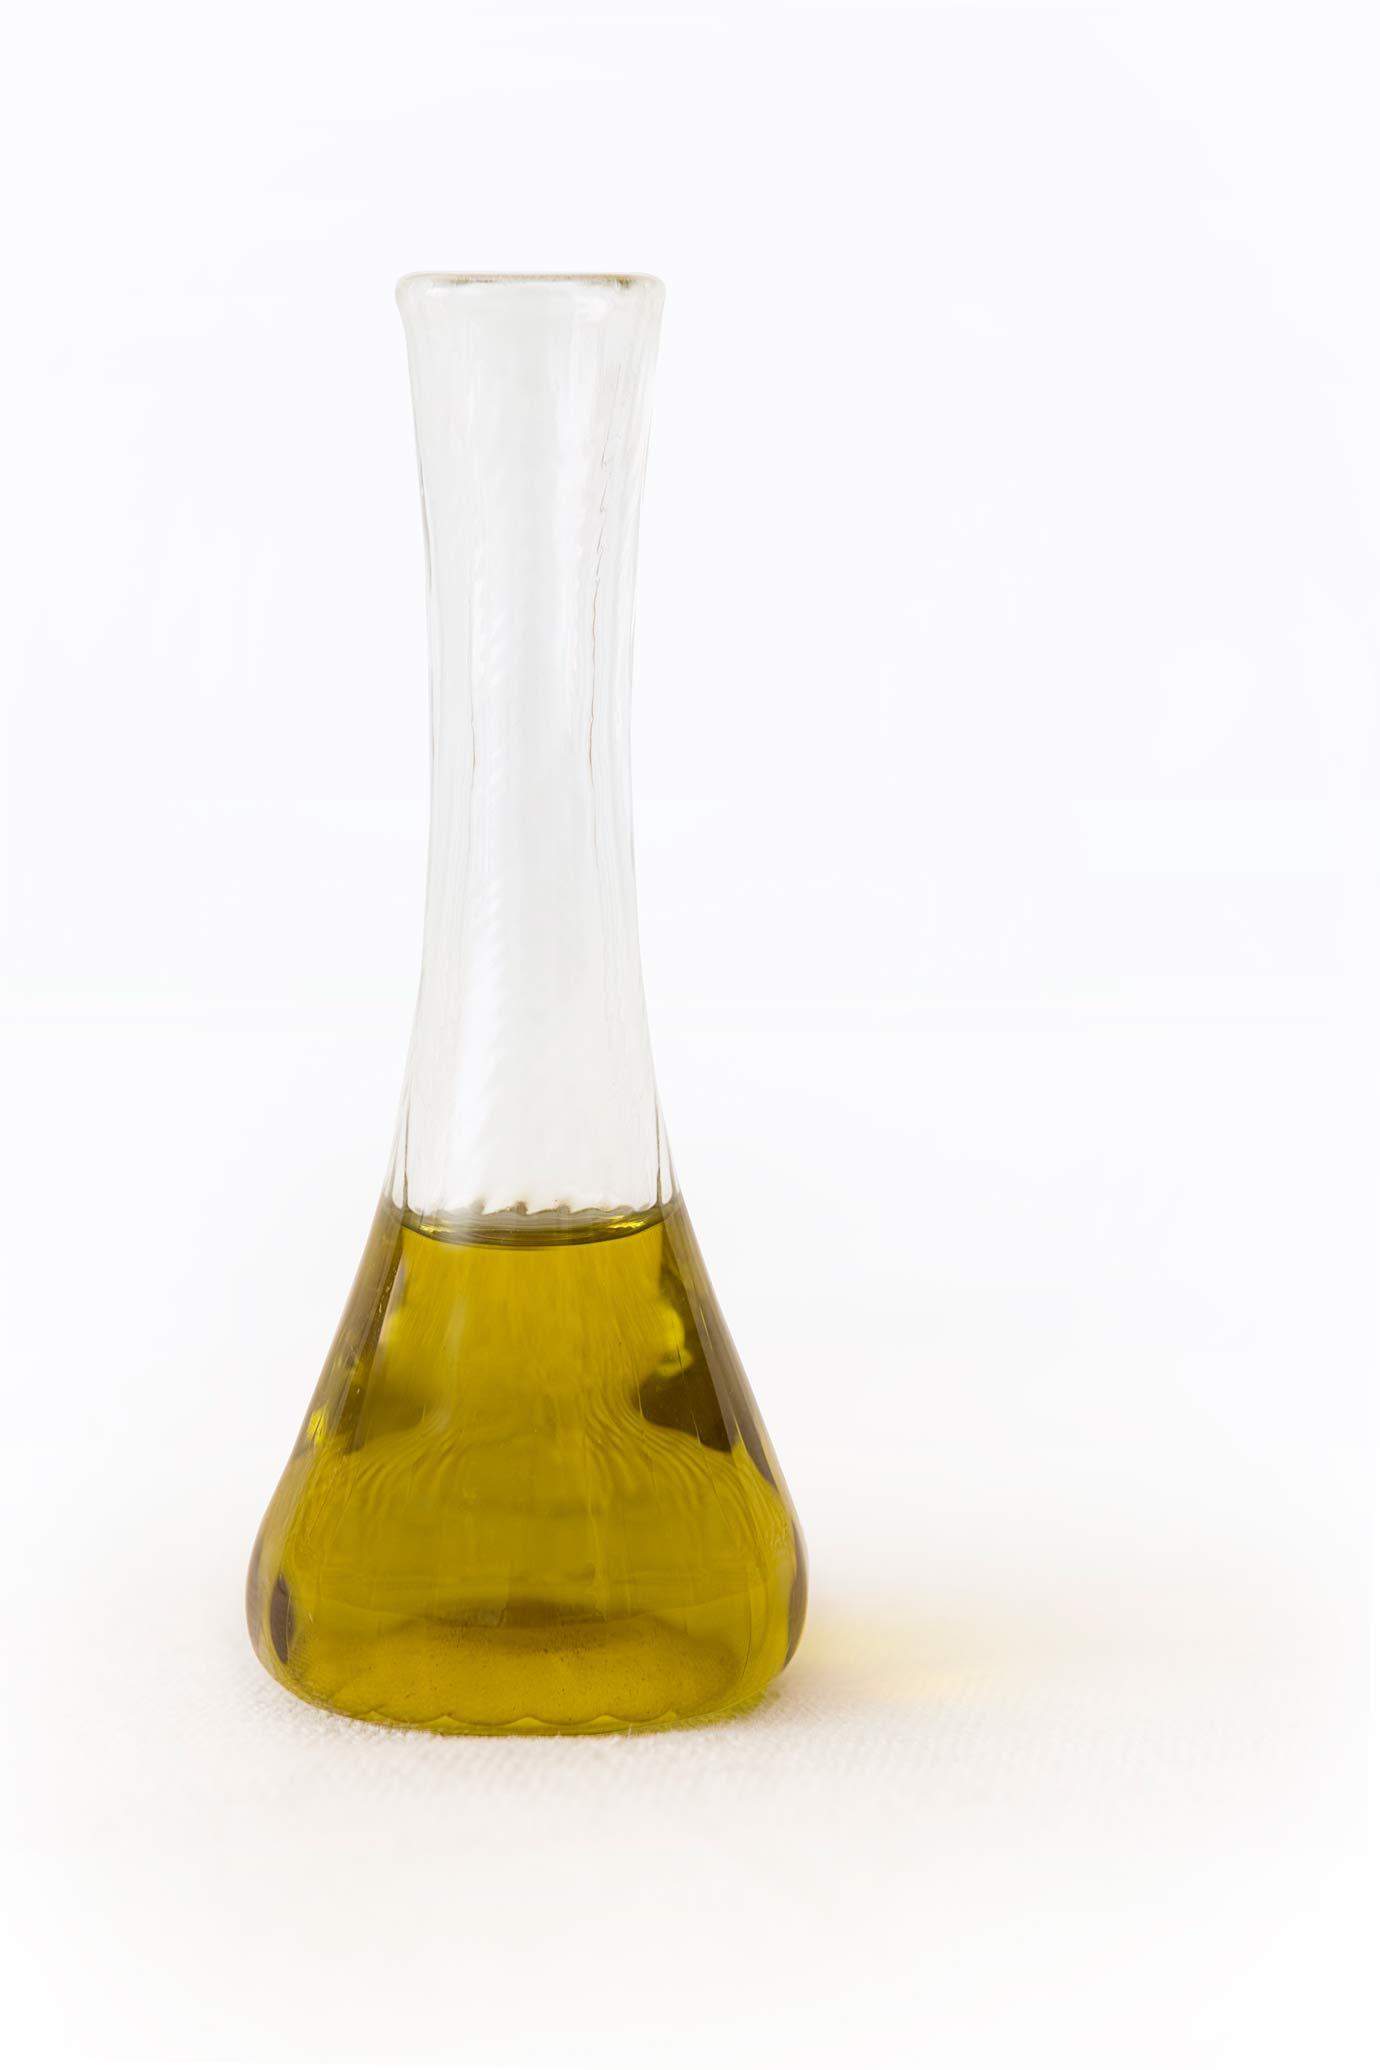 les bienfaits de l'huile de chanvre biologique pure, une base idéale pour les cosmétiques.